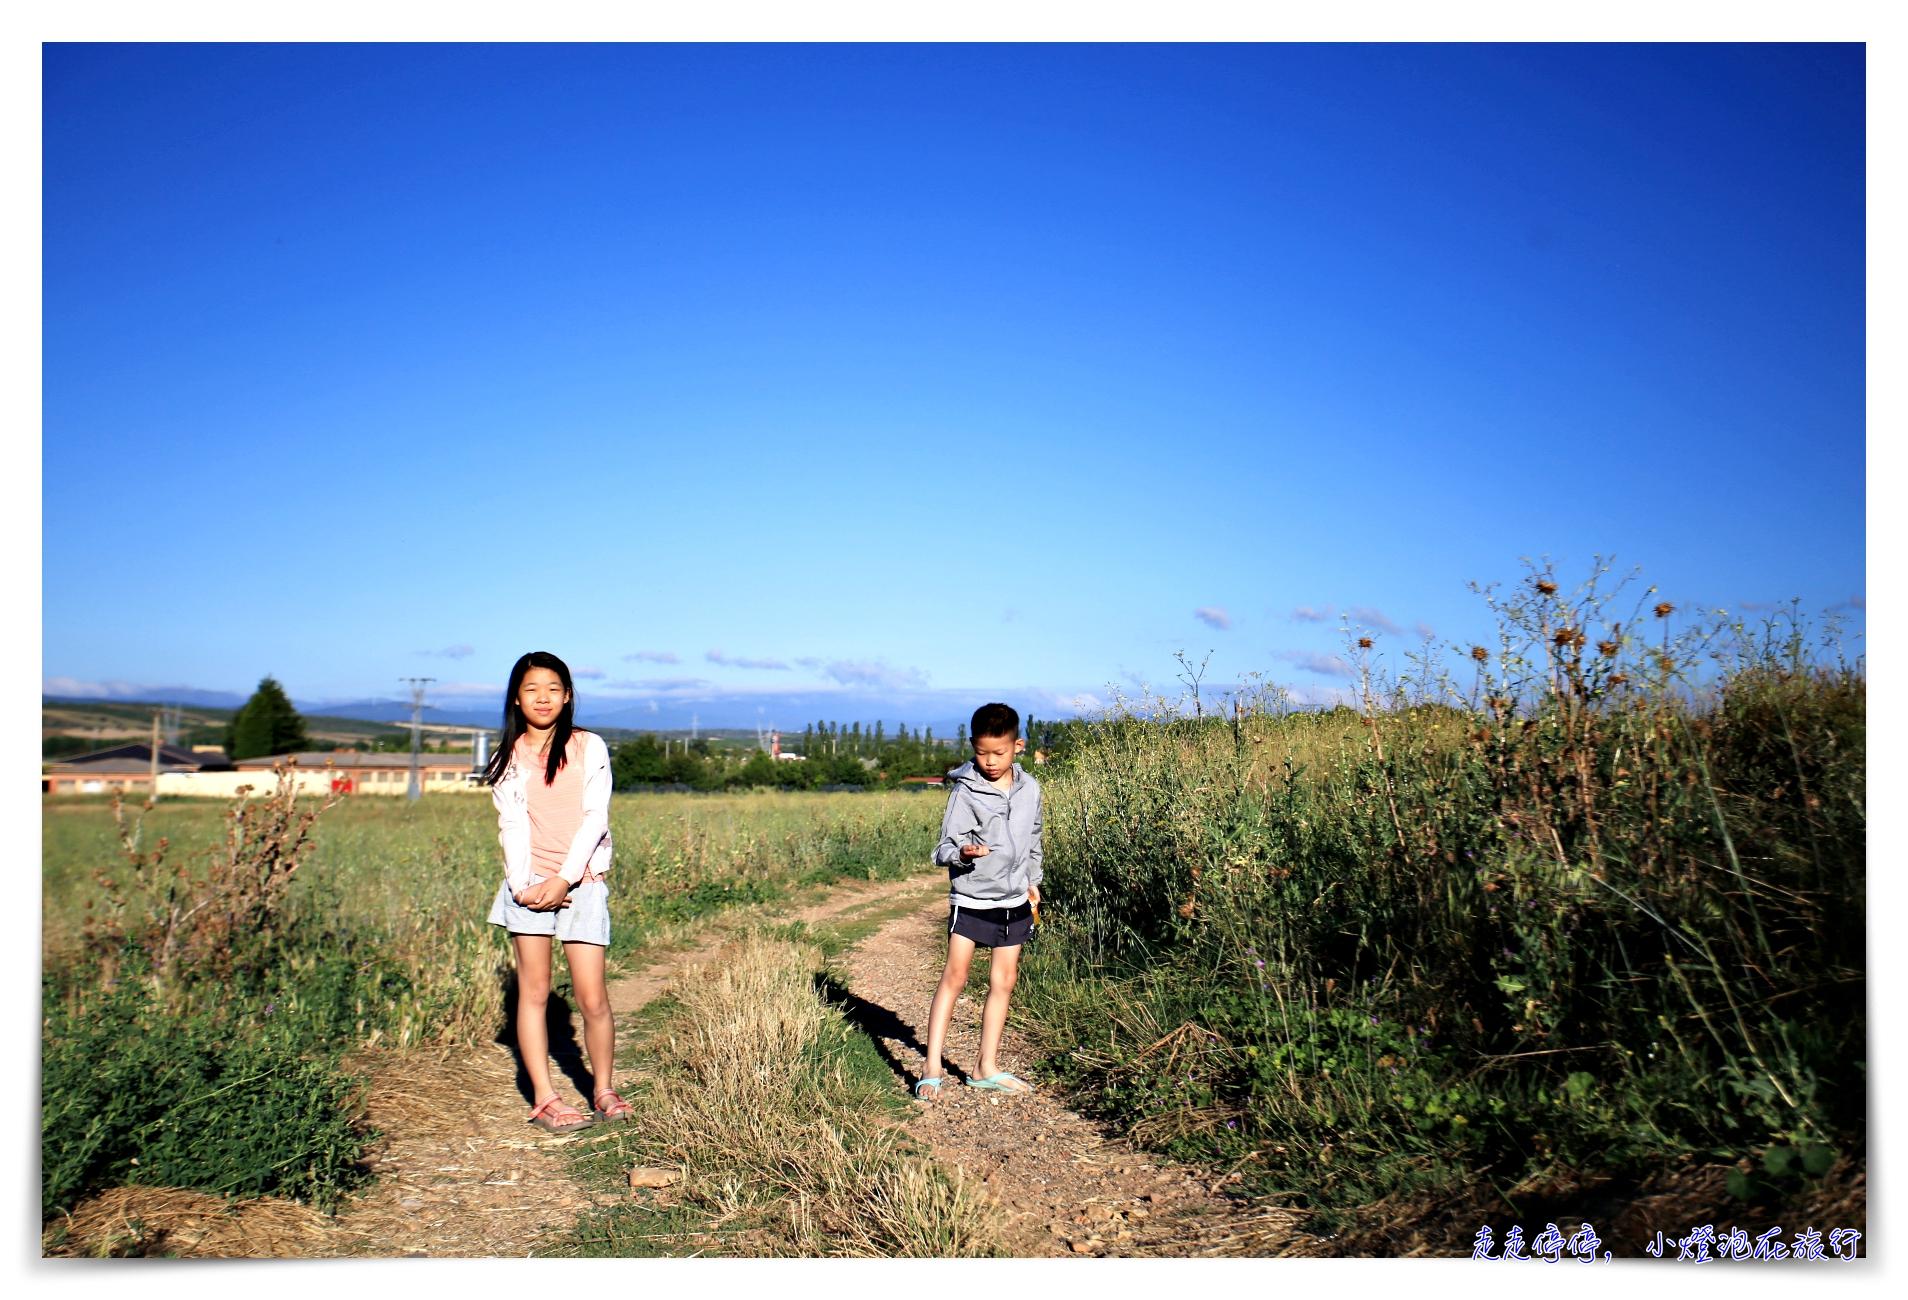 我的Podcast頻道:過去的演講過程中,最容易被碰到問問題的就是親子教養的衝突,這一集比較概略性地分享一下,旅行對於親子教養到底有什麼效益或者好處喔! 主軸大綱如下:  ⭕️為什麼要用旅行親子教養?   ⭕️旅行中的親子教養該怎麼做?   ⭕️會不會兼顧不到旅行的樂趣?   ⭕️旅行中的擔心  也歡迎追蹤我的粉絲專頁以及部落格: 粉絲頁:https://bit.ly/2XN36fw 部落格:https://www.difeny.com  Powered by Firstory Hosting